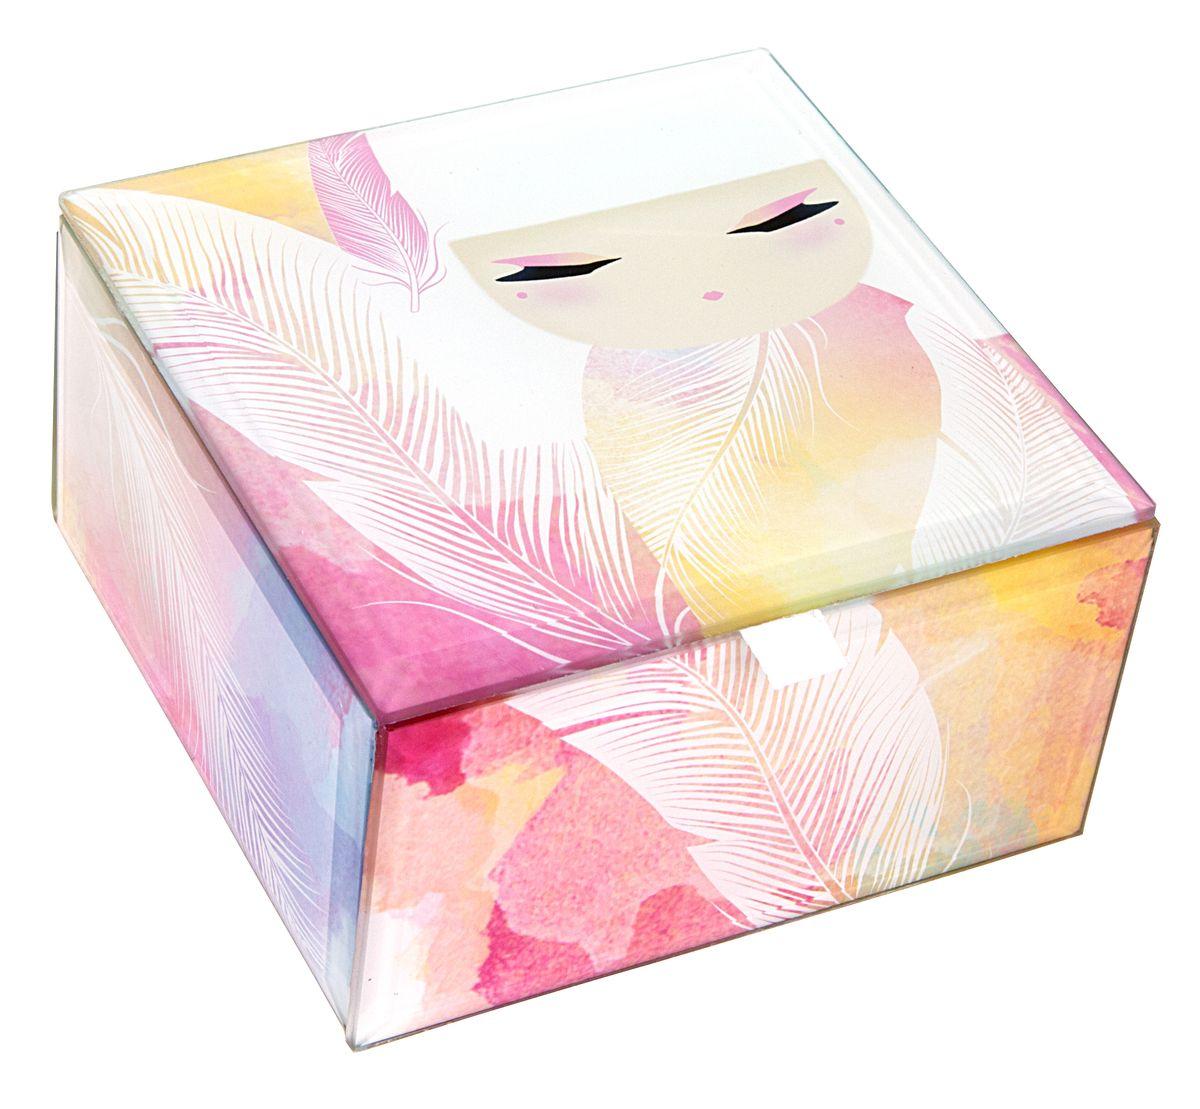 Шкатулка для бижутерии Kimmidoll Мизуйо (Очарование)FS-91909Милая шкатулка для бижутерии Kimmidoll Мизуйо (Очарование) великолепно подойдет для хранения бижутерии, косметики и любых небольших предметов. Прямоугольная шкатулка выполнена из стекла и декорирована красочным изображением очаровательной куколки Мизуйо. Изнутри шкатулка имеет мягкое текстильное покрытие, а проклейка бархатистым материалом снизу предотвращает скольжение шкатулки и придает ей устойчивость. Такая шкатулка не только надежно сохранит вашу бижутерию, но и станет изысканным украшением интерьера.Привет, меня зовут Мизуйо! Я талисман очарования. Мой дух воодушевляет и радует. Ваша милая и обворожительная натура всегда согревает сердца и поднимает настроение, даря счастье и любовь вашим близким. Позвольте всем, кто знает вас, дорожить вашими редкими и прекрасными талантами.